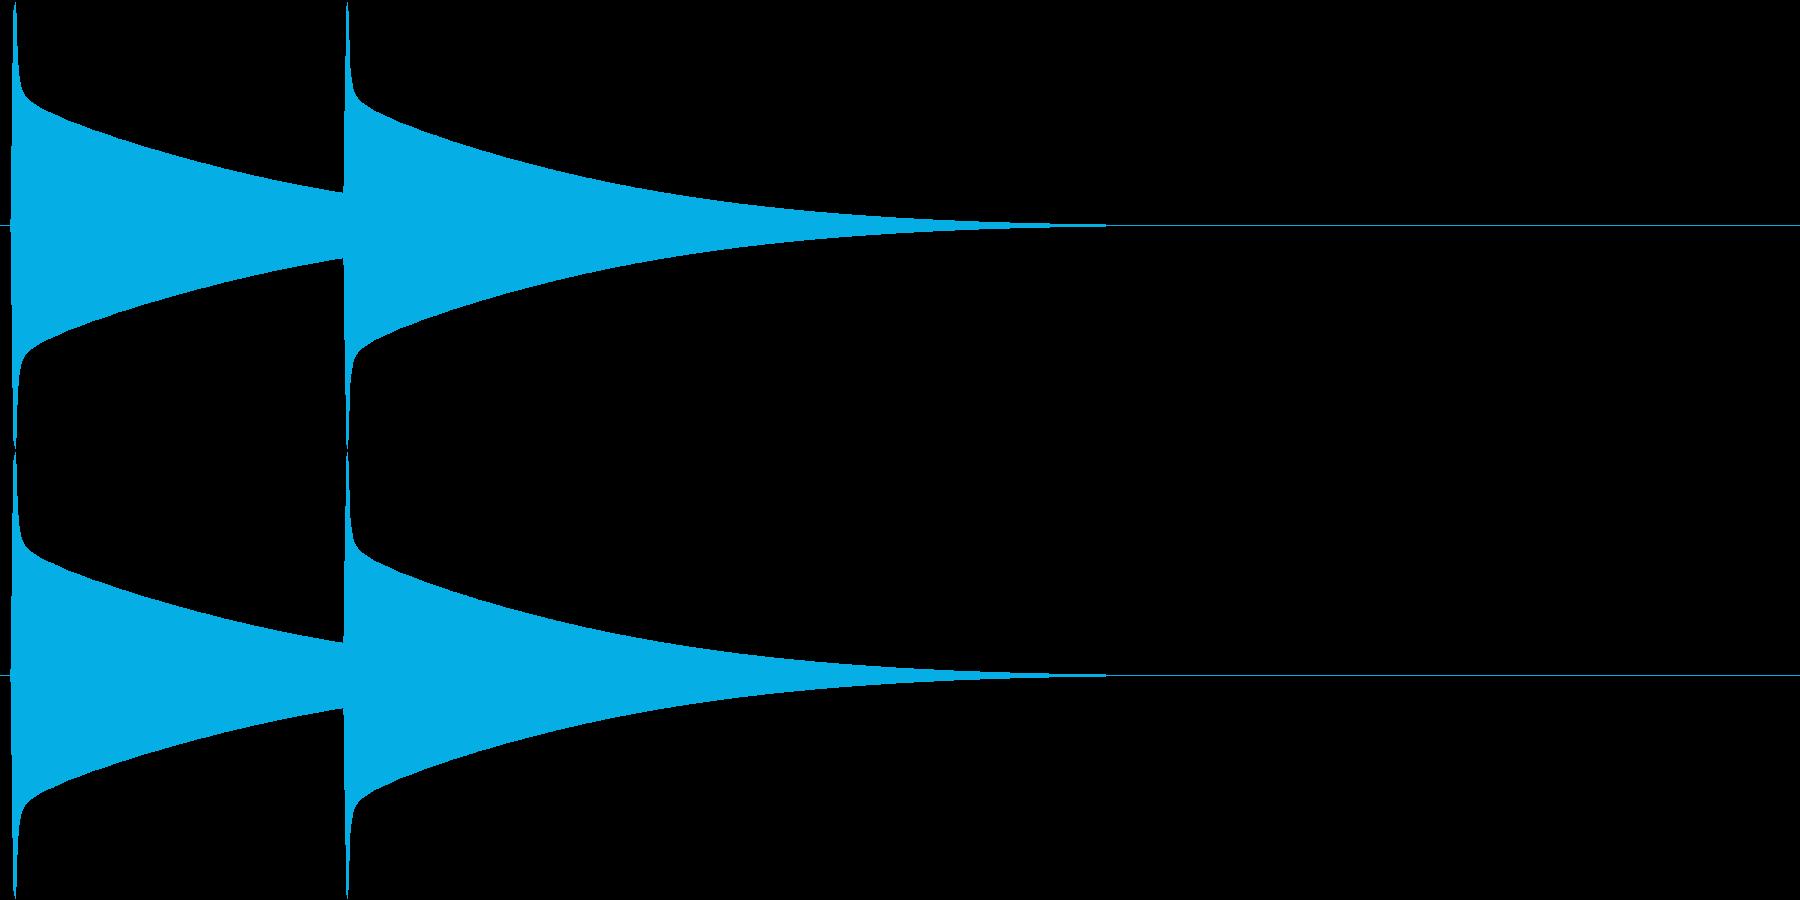 ピーンポーン(インターフォン)の再生済みの波形